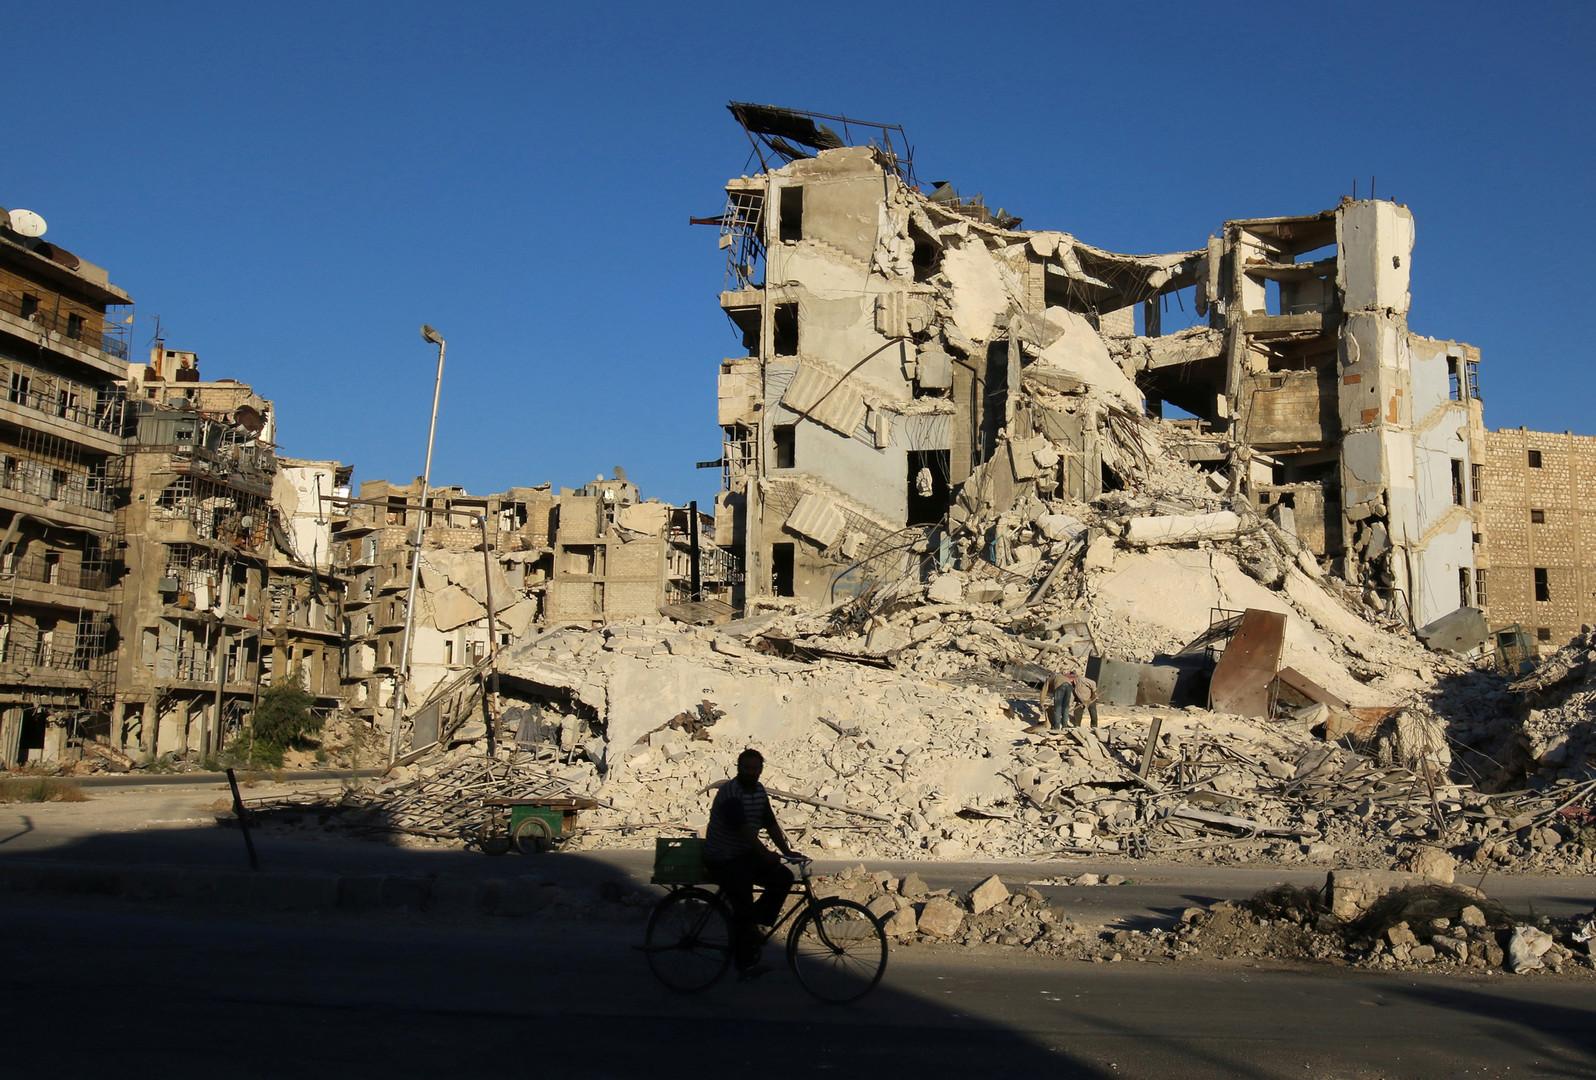 МИД Великобритании не исключил введения новых санкций против России из-за ситуации в Сирии